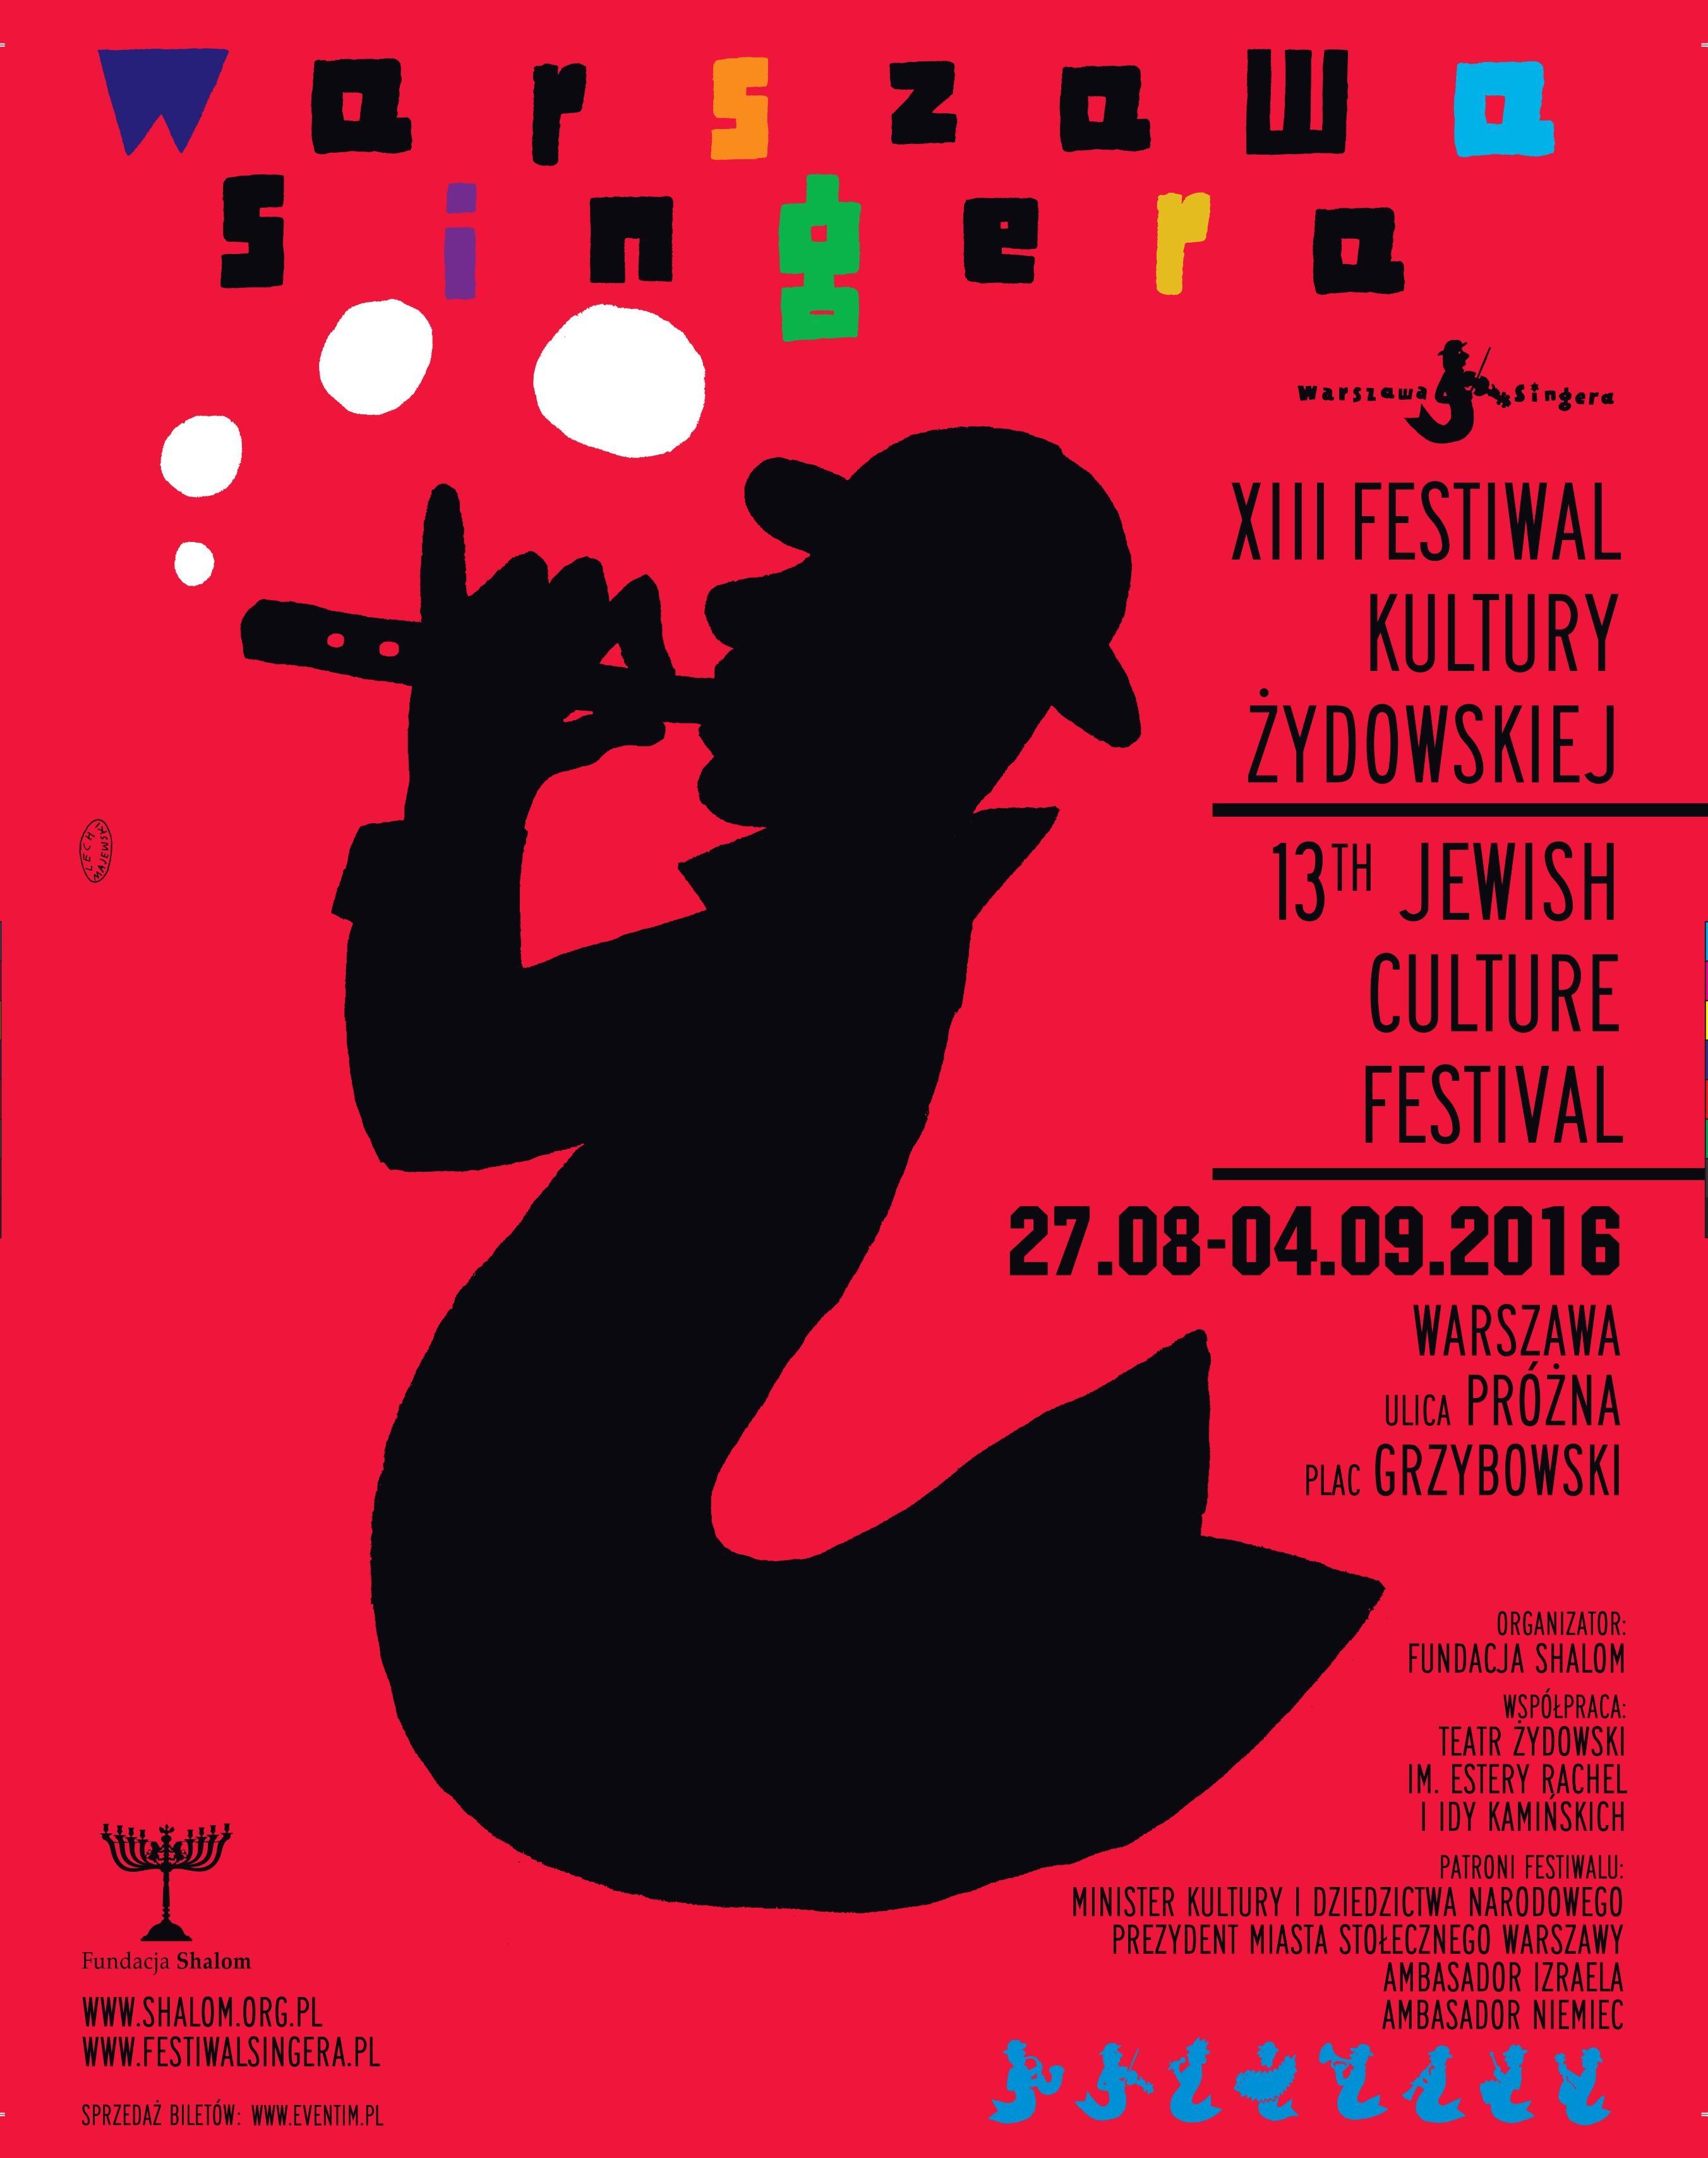 Plakat festiwalowy jpg